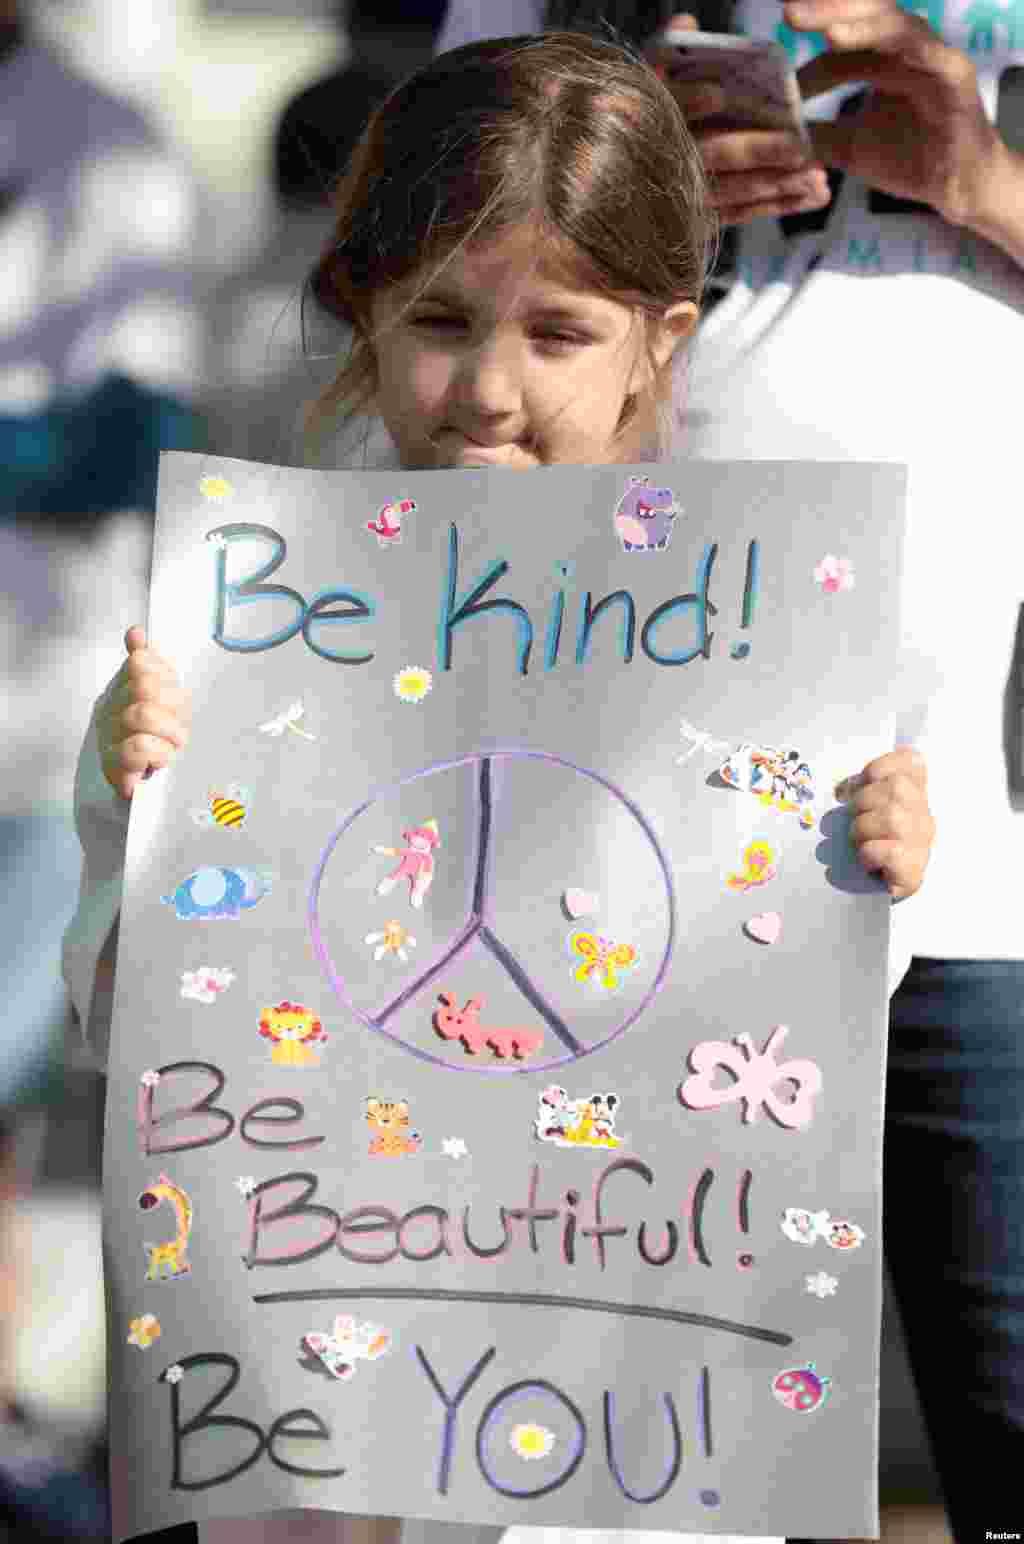 یک دختربچه با در دست داشتن علامت صلح در راهپیمایی اعتراضی موسوم به راهپیمایی برای زندگی در فلوریدا.